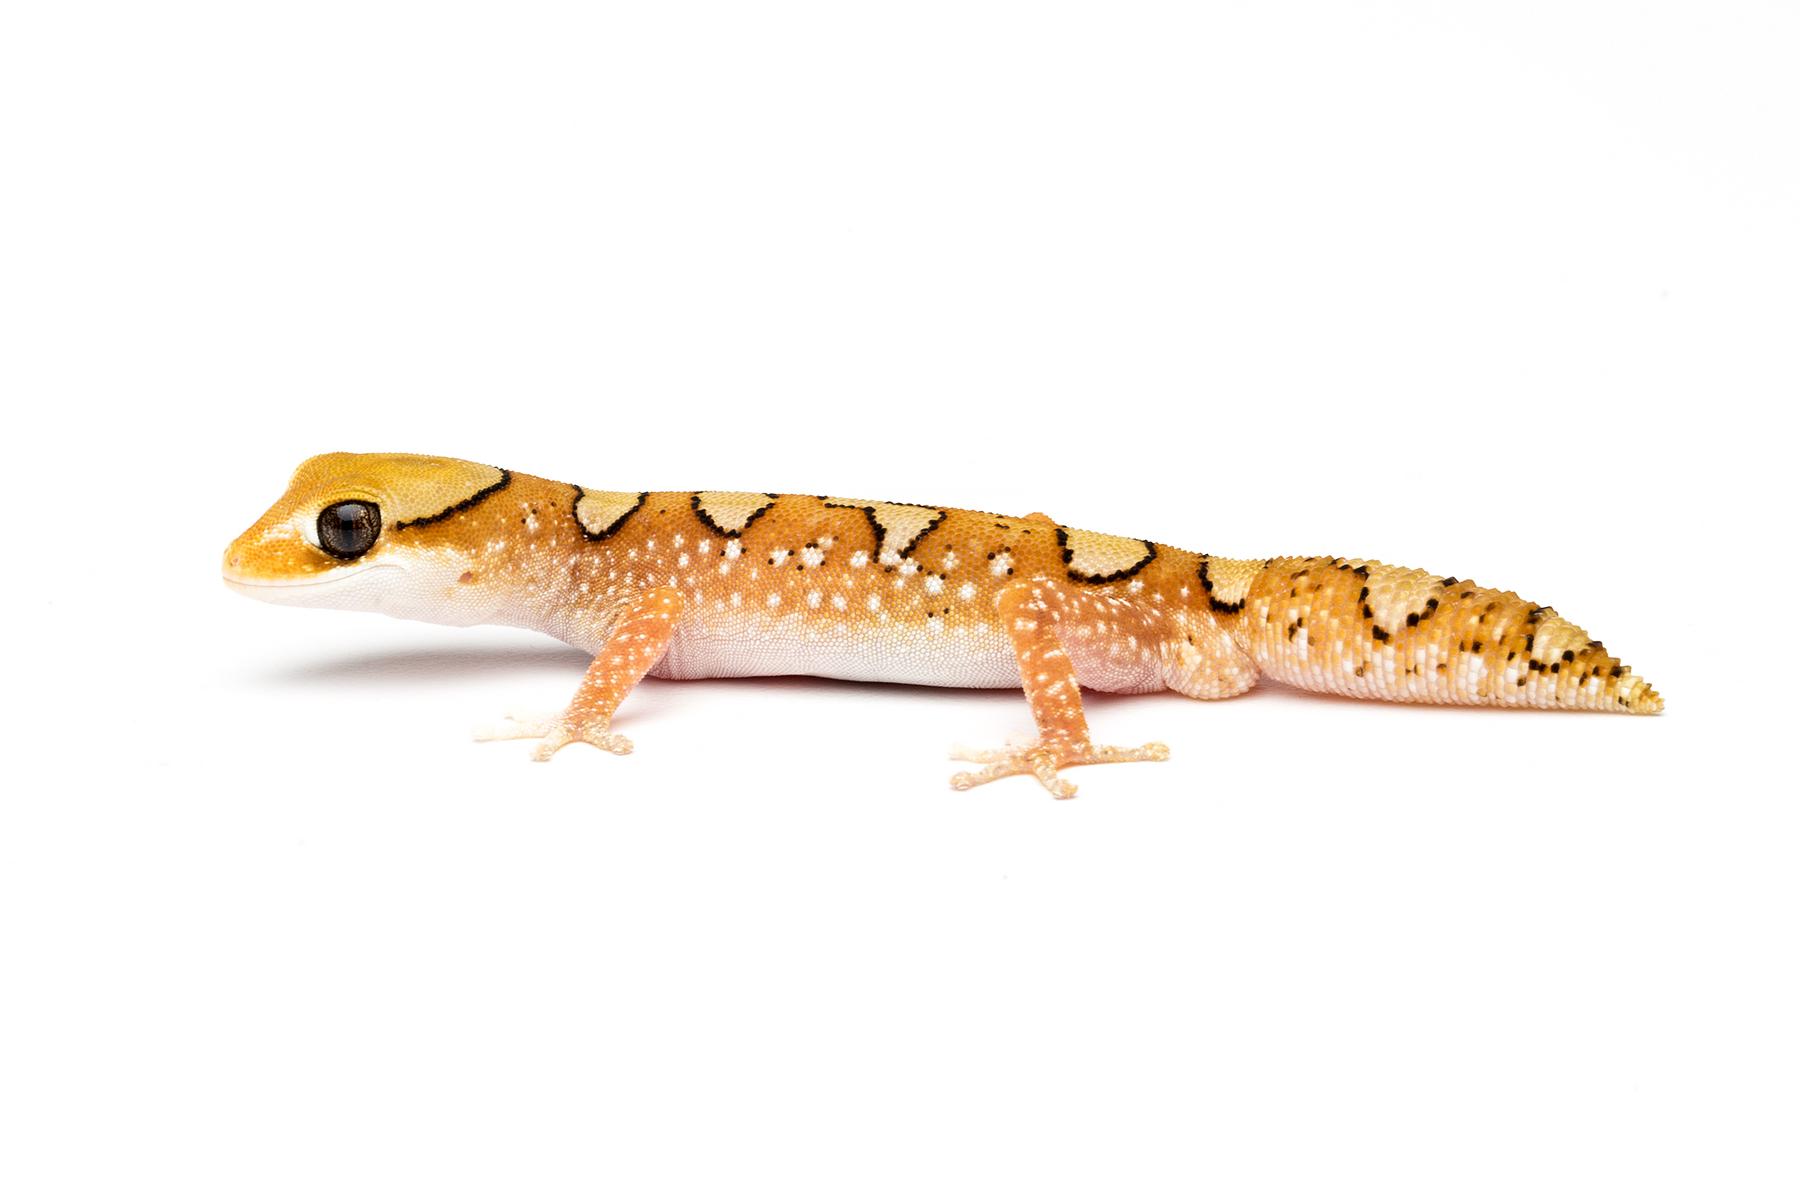 Adult male Diplodactylus galeatus